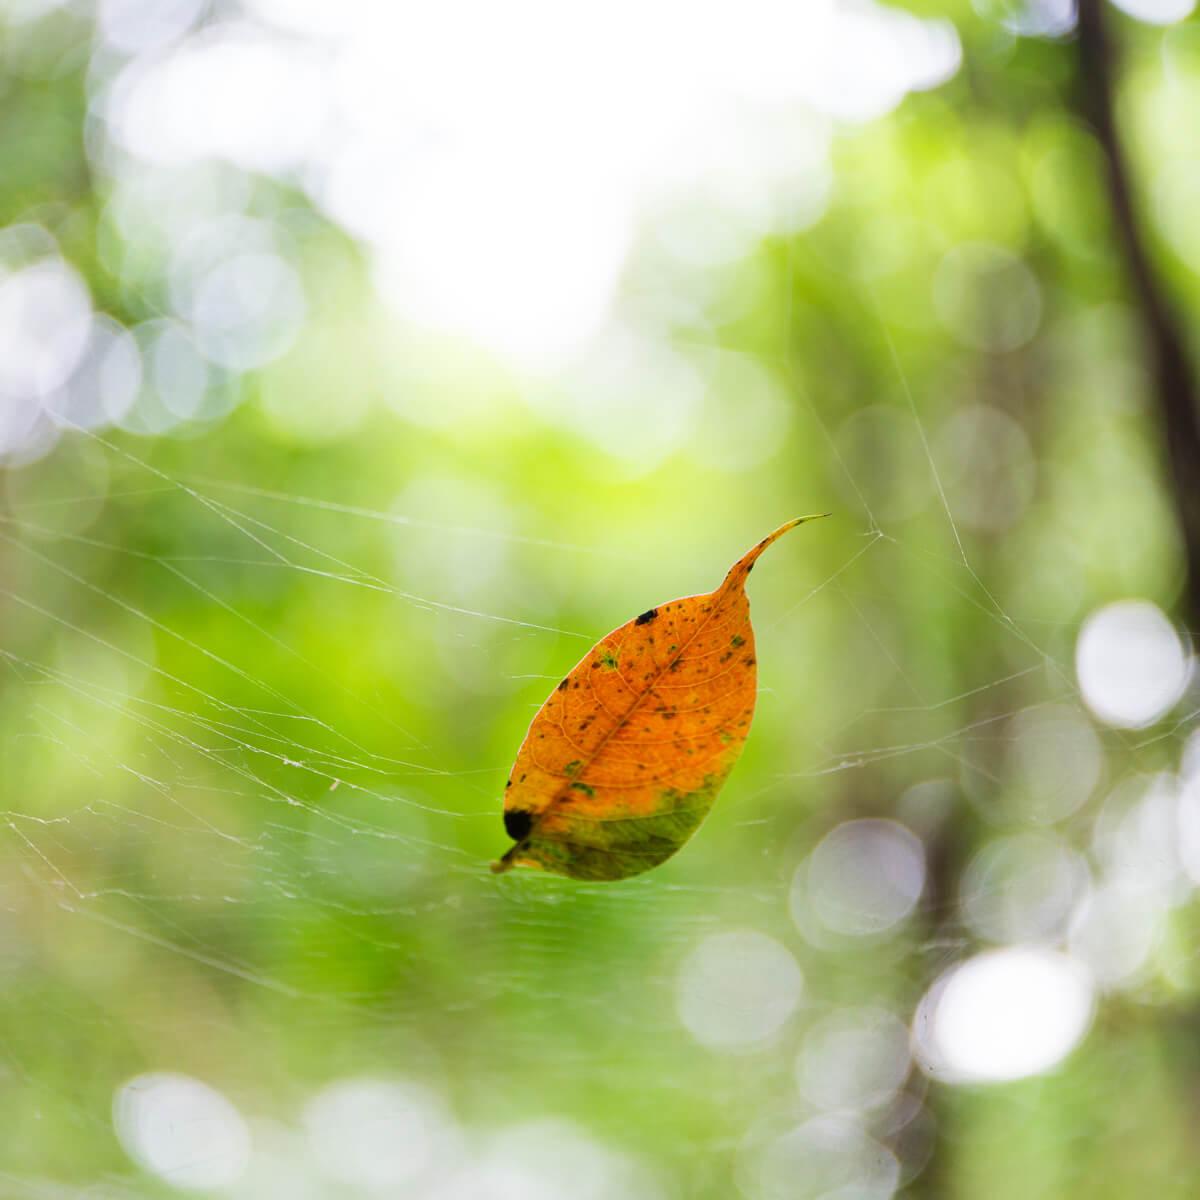 オレンジ色の葉っぱ 屋久島の緑の中 屋久島日々の暮らしとジュエリー オーダーメイドマリッジリングのインスピレーション